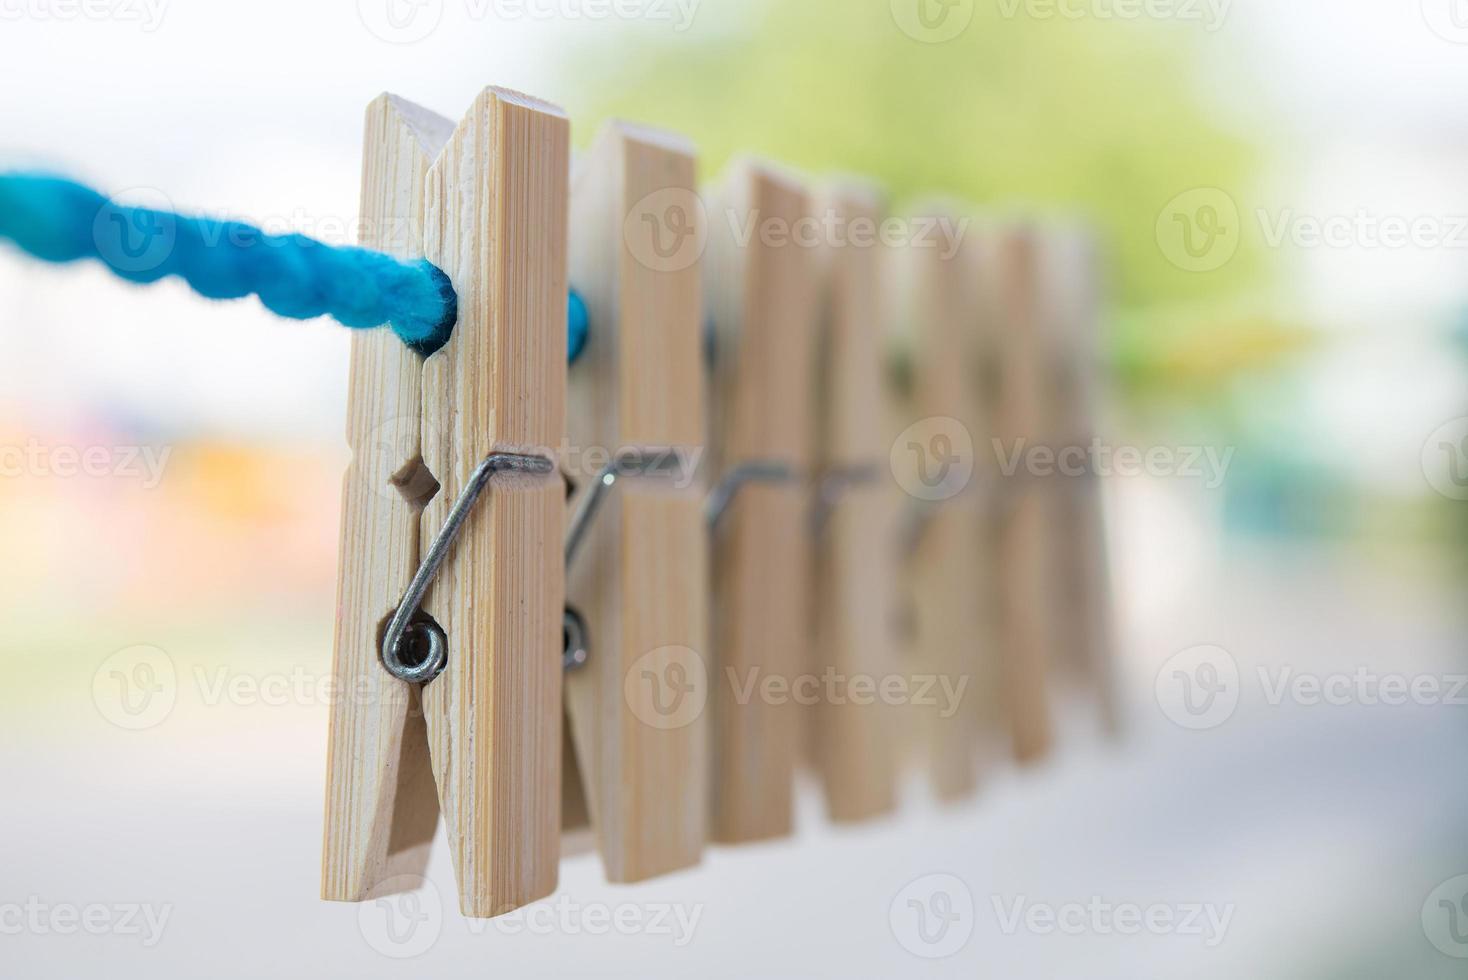 pince à linge en bois suspendu à une corde photo